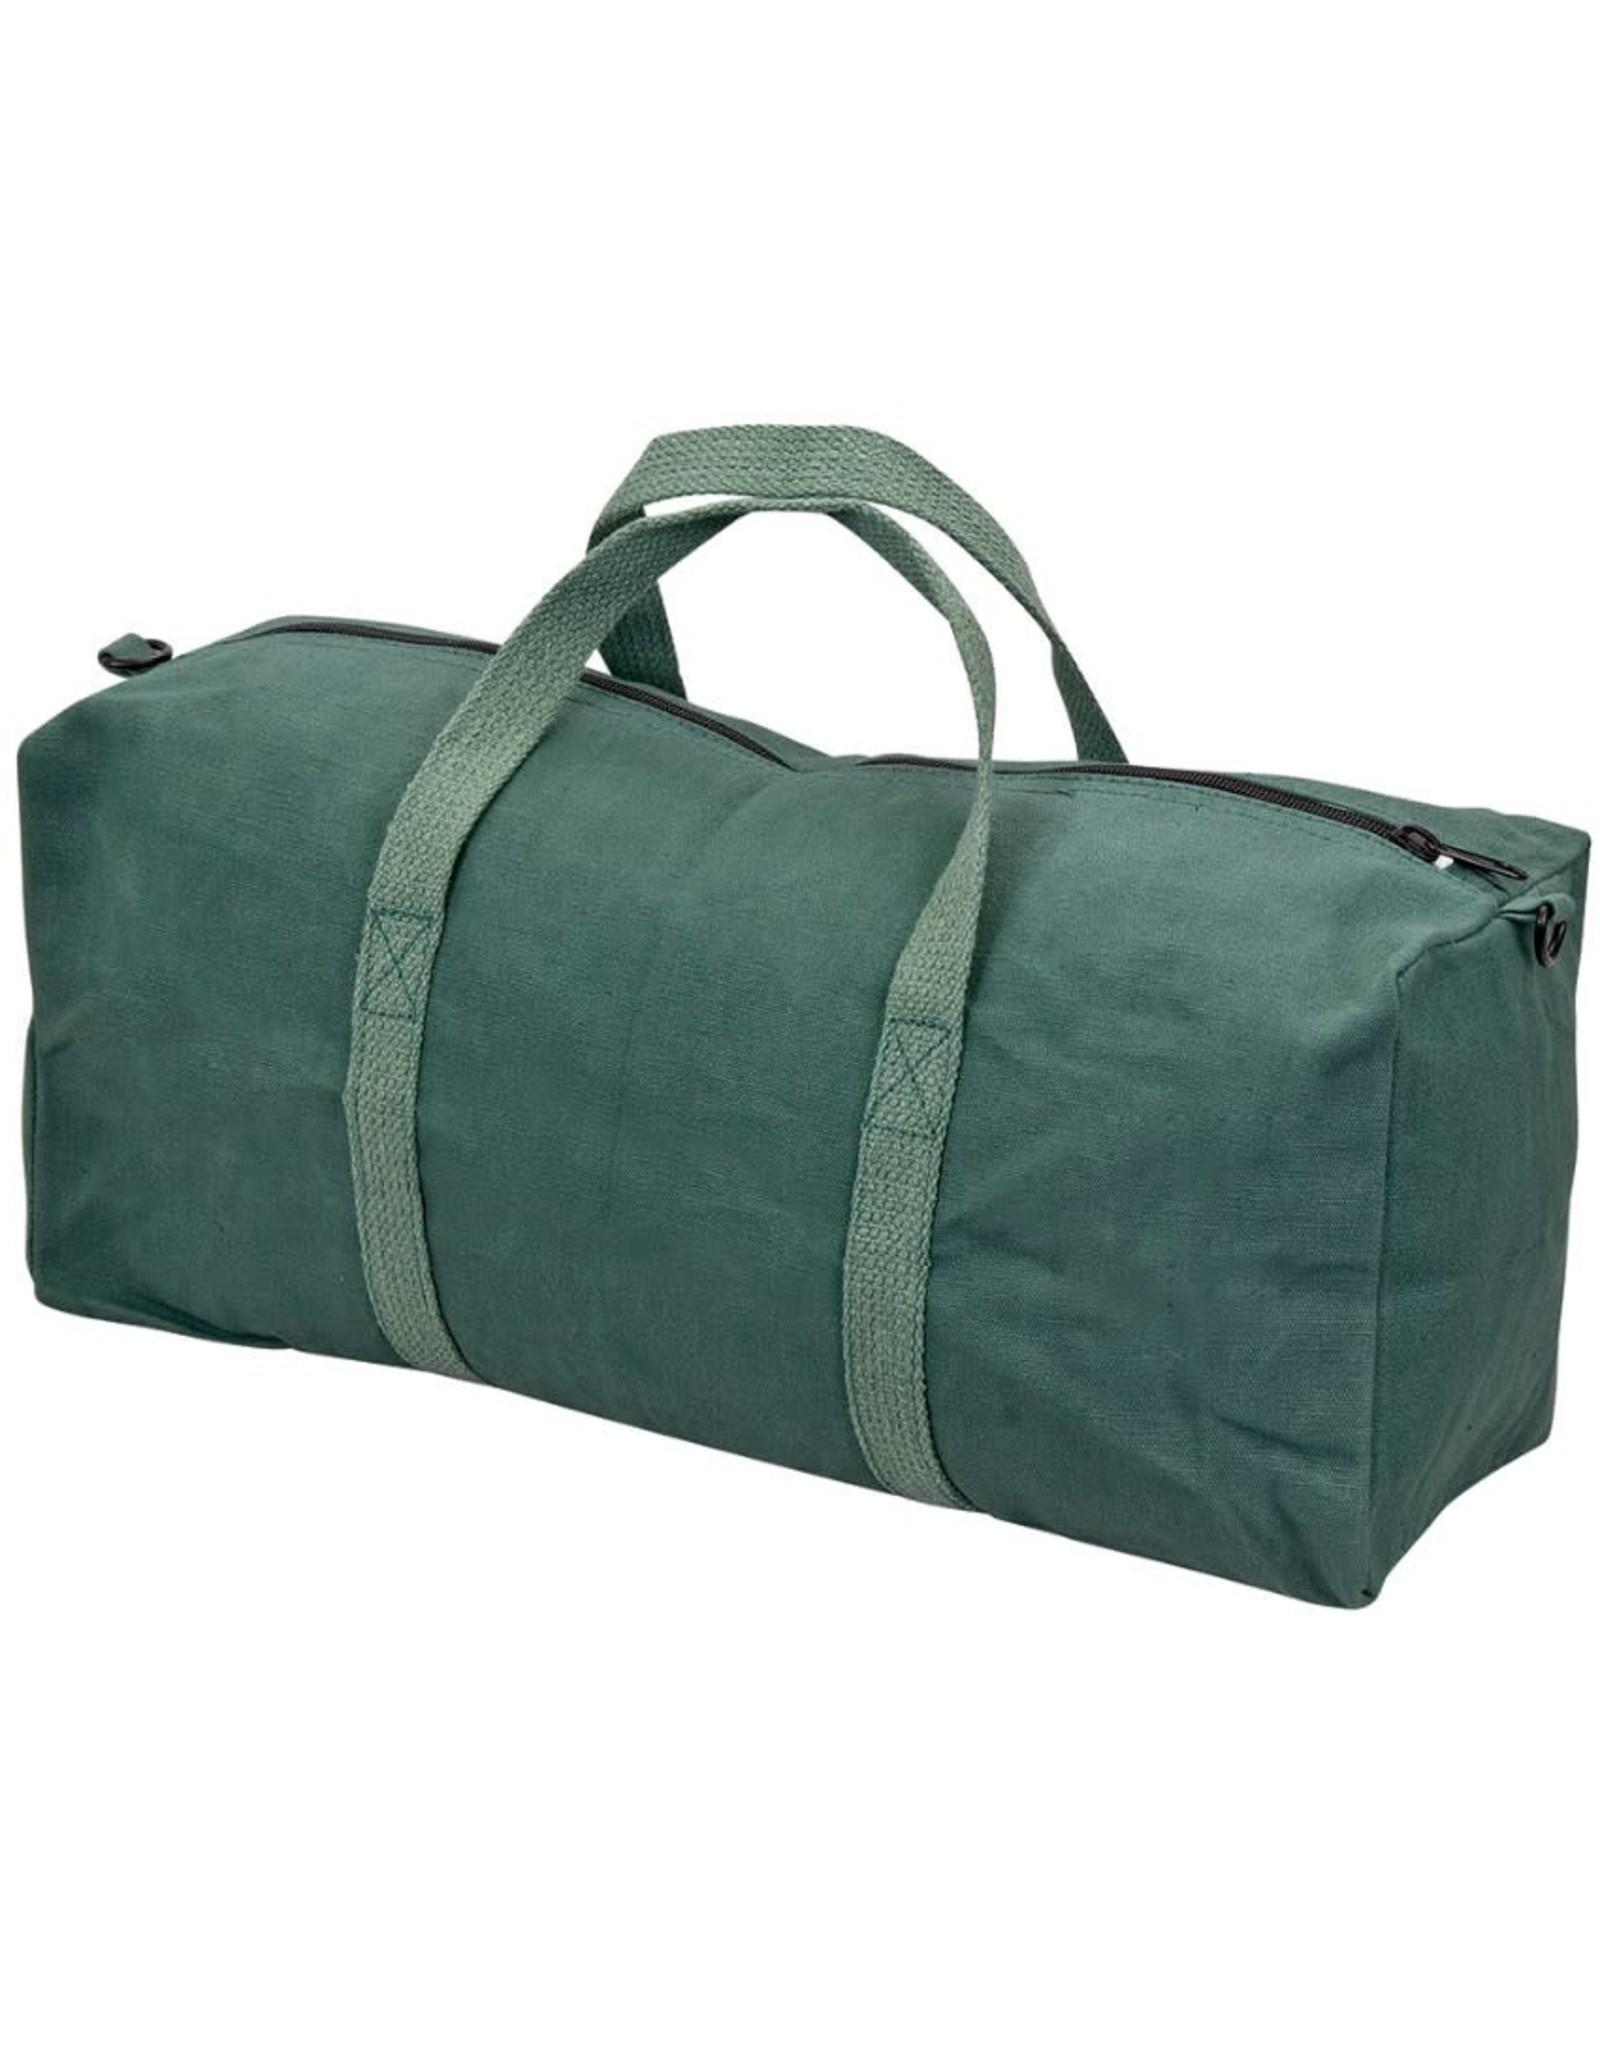 Kookaburra Heavy Duty Canvas Tool Bag